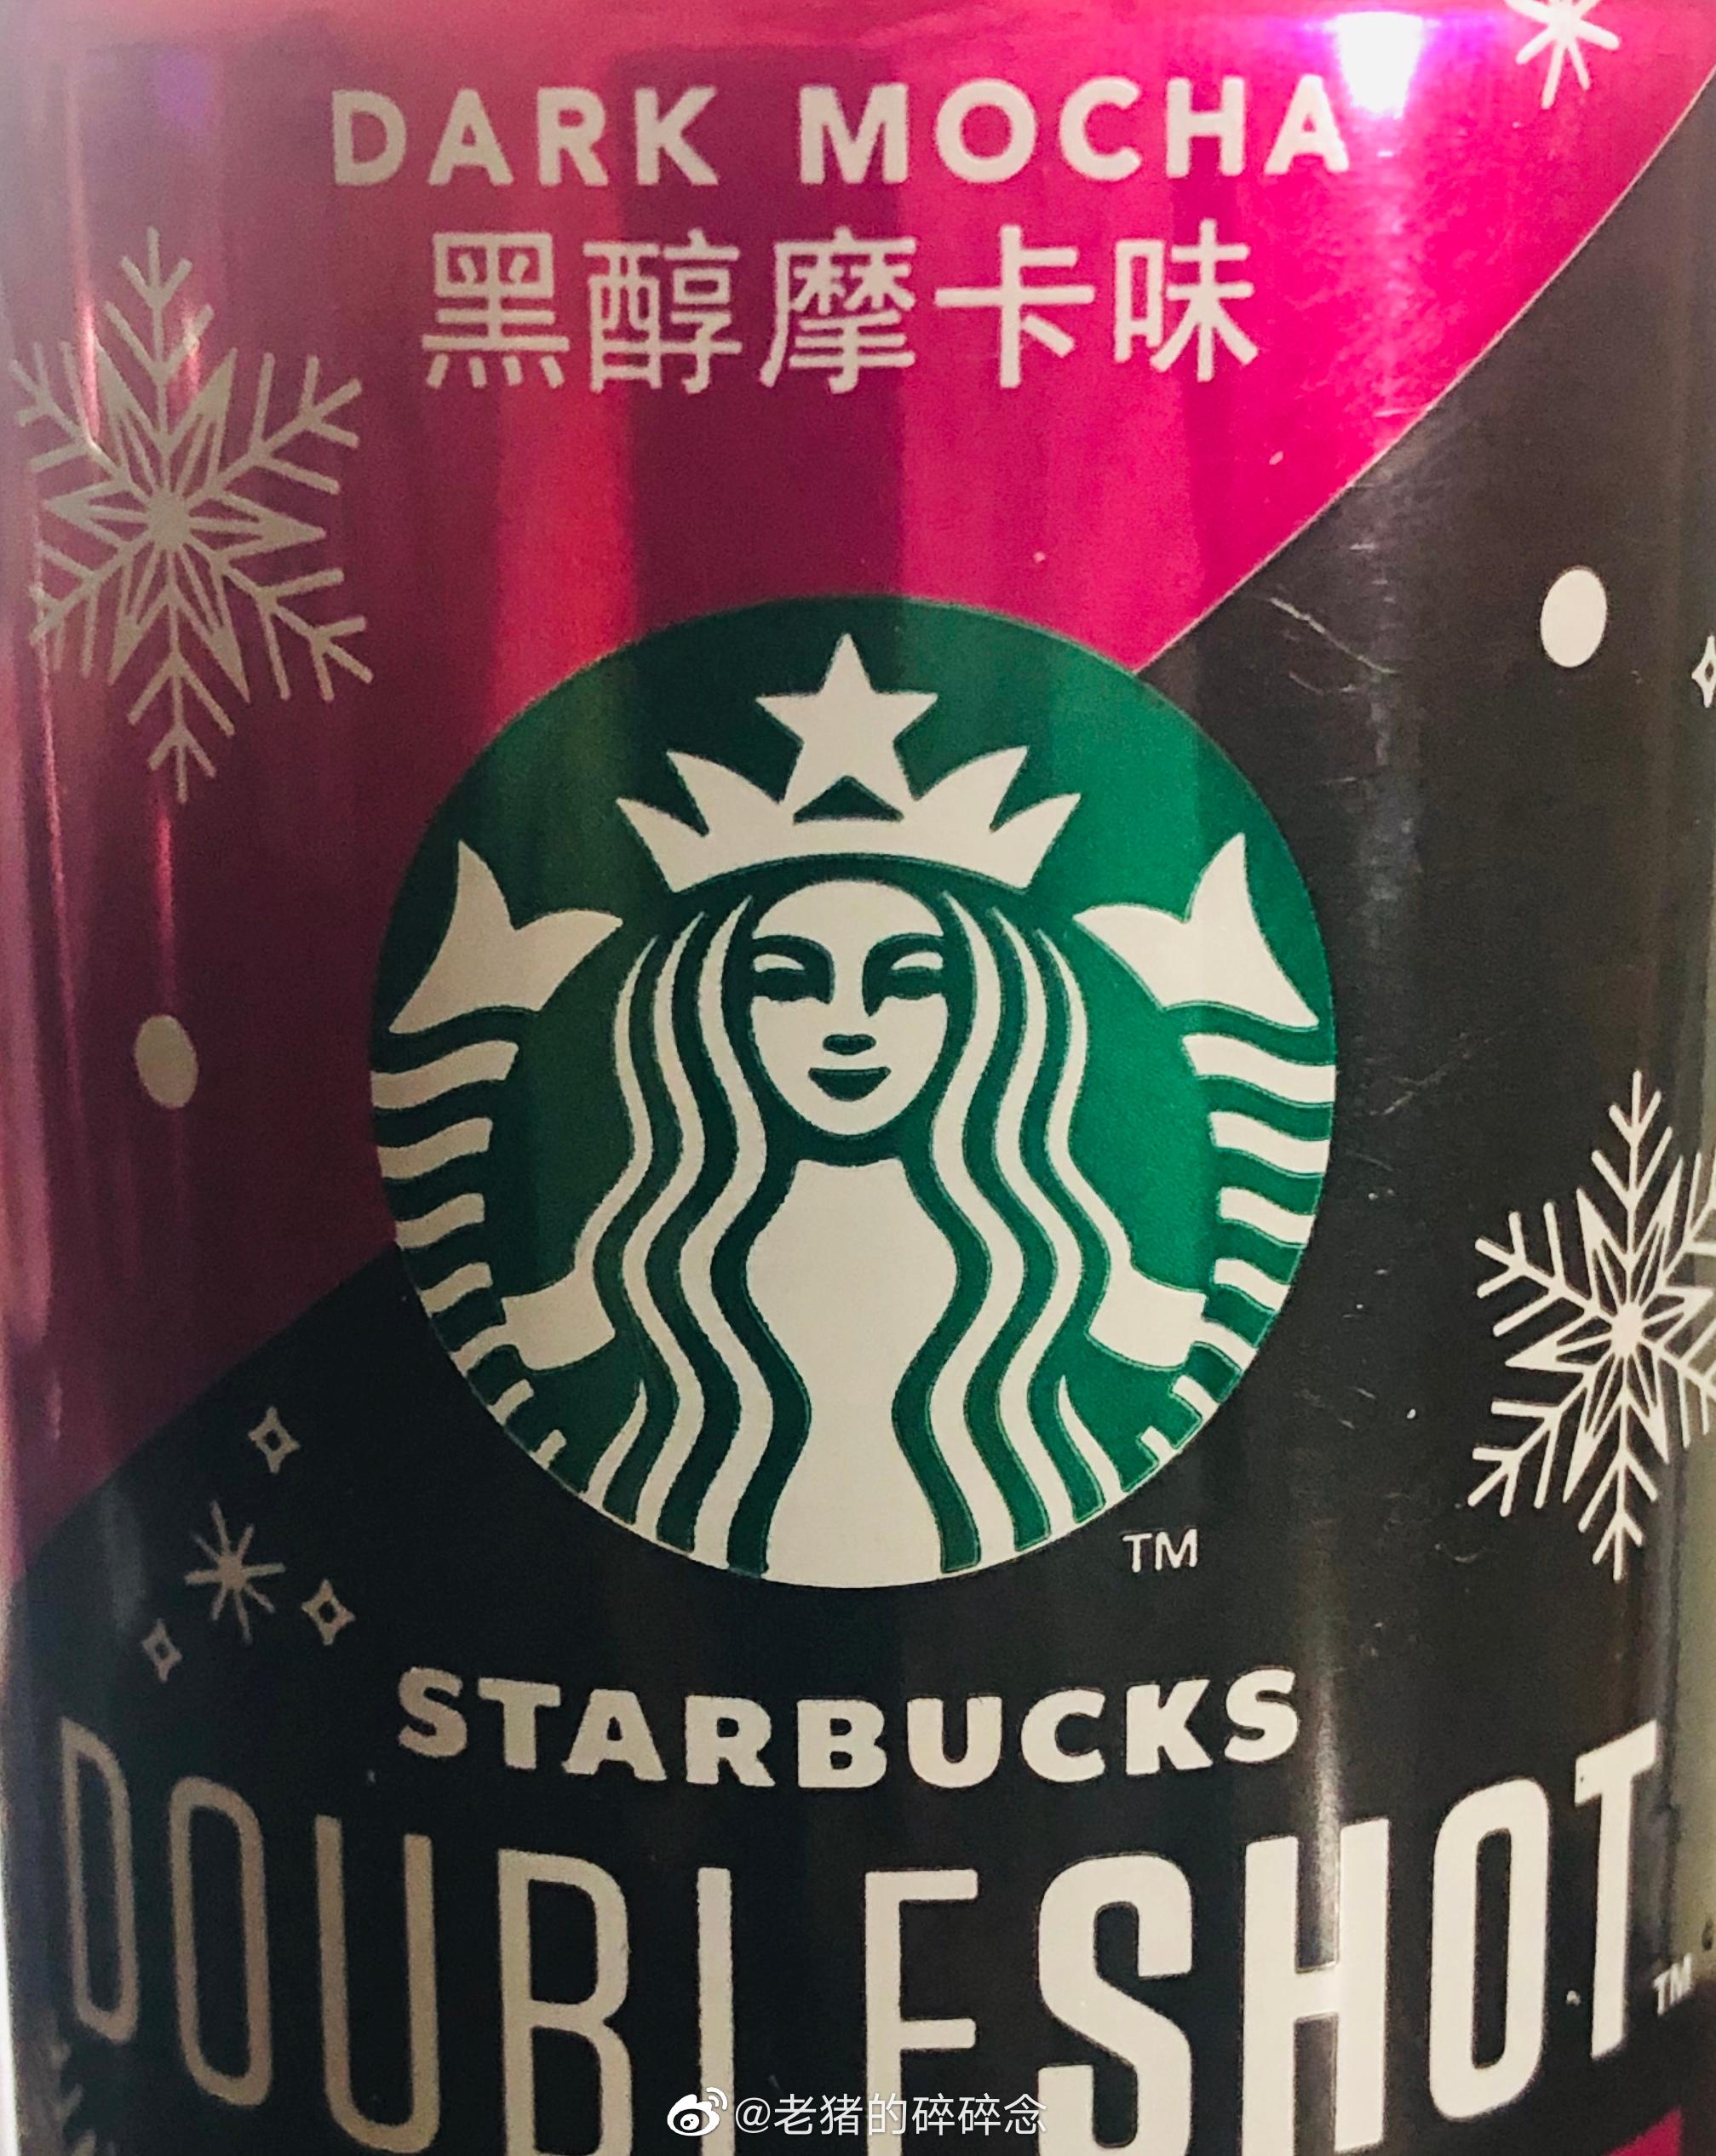 刚喝星巴克咖啡,觉得它logo挺有意思,查了查它的历史